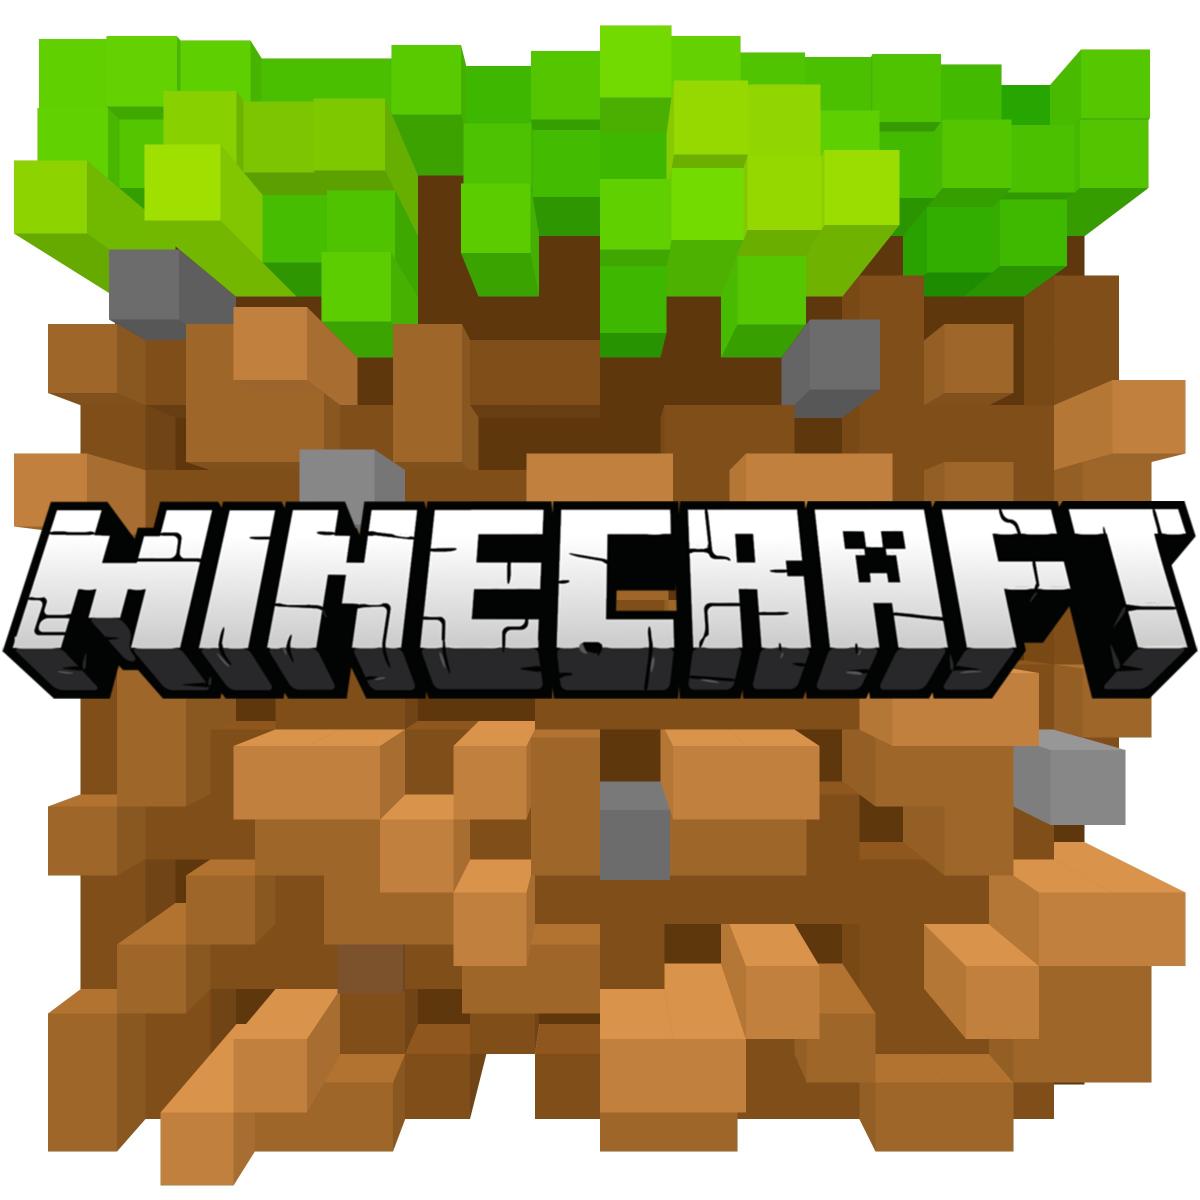 Sabia que o jogo Minecraft é aplicado em projetos de educação? Saiba mais  sobre essa - Minecraft HD PNG